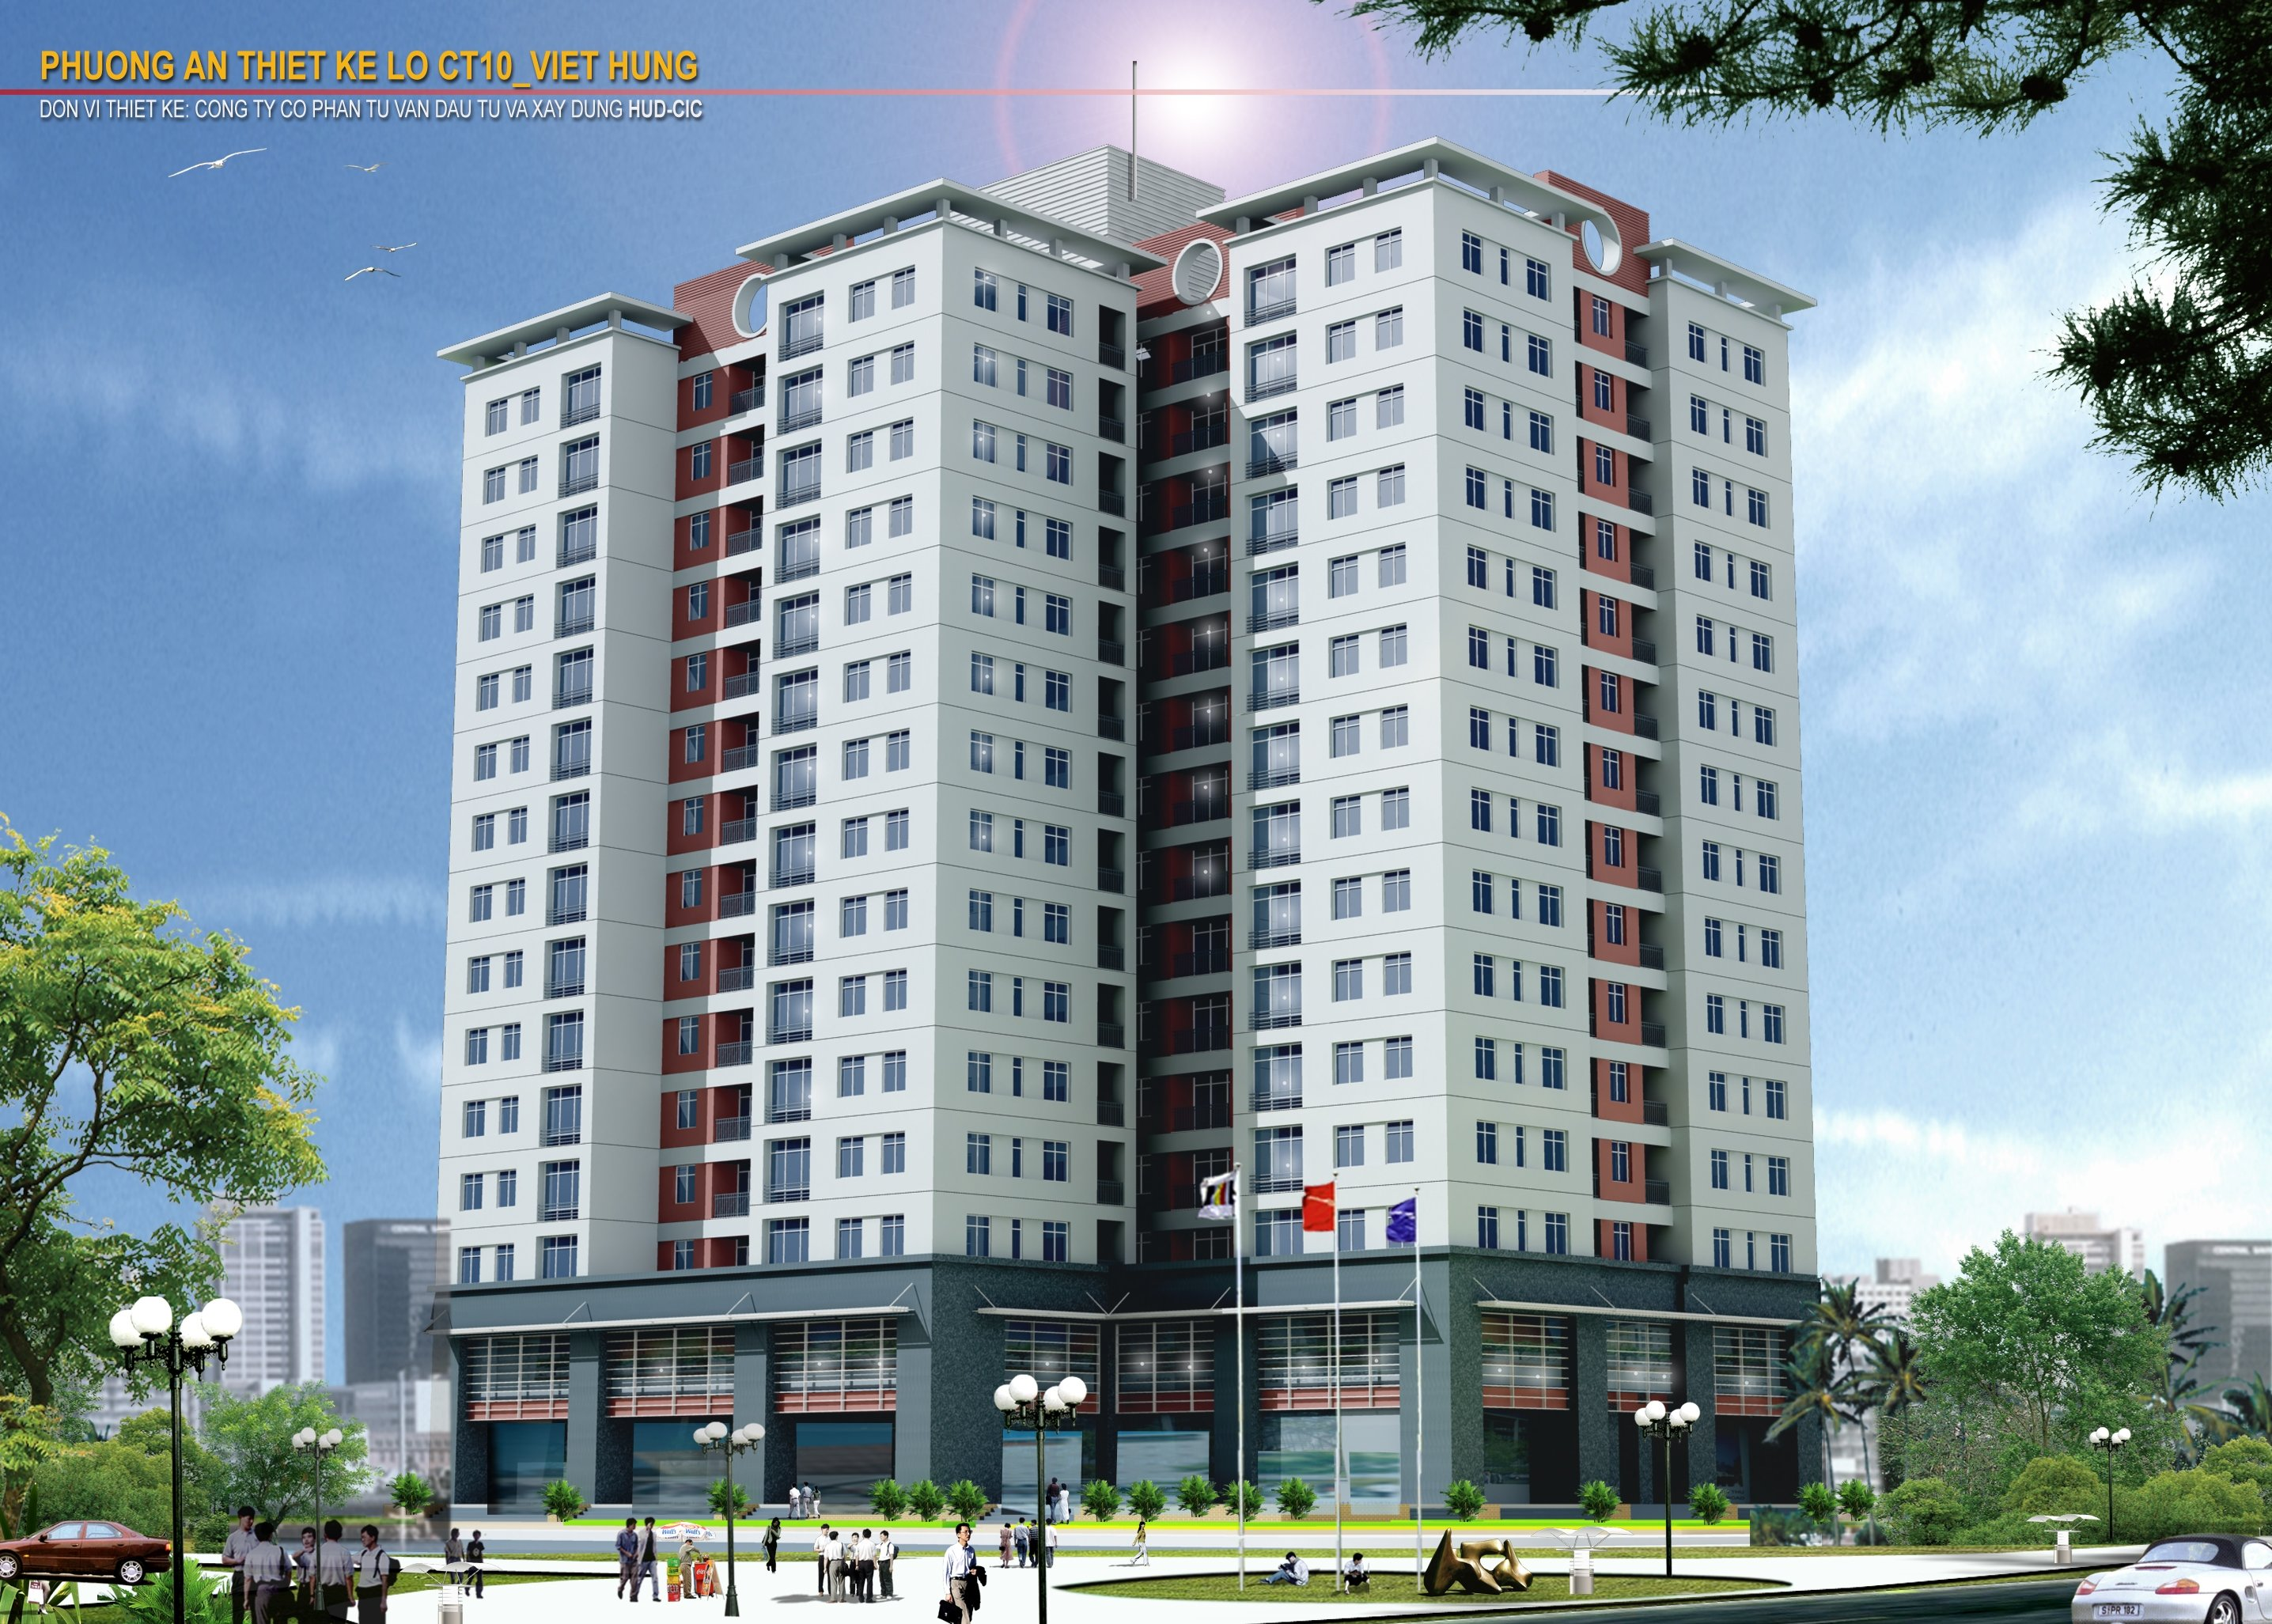 Dự án: Chung cư cao tầng CT10 Khu đô thị mới Việt Hưng